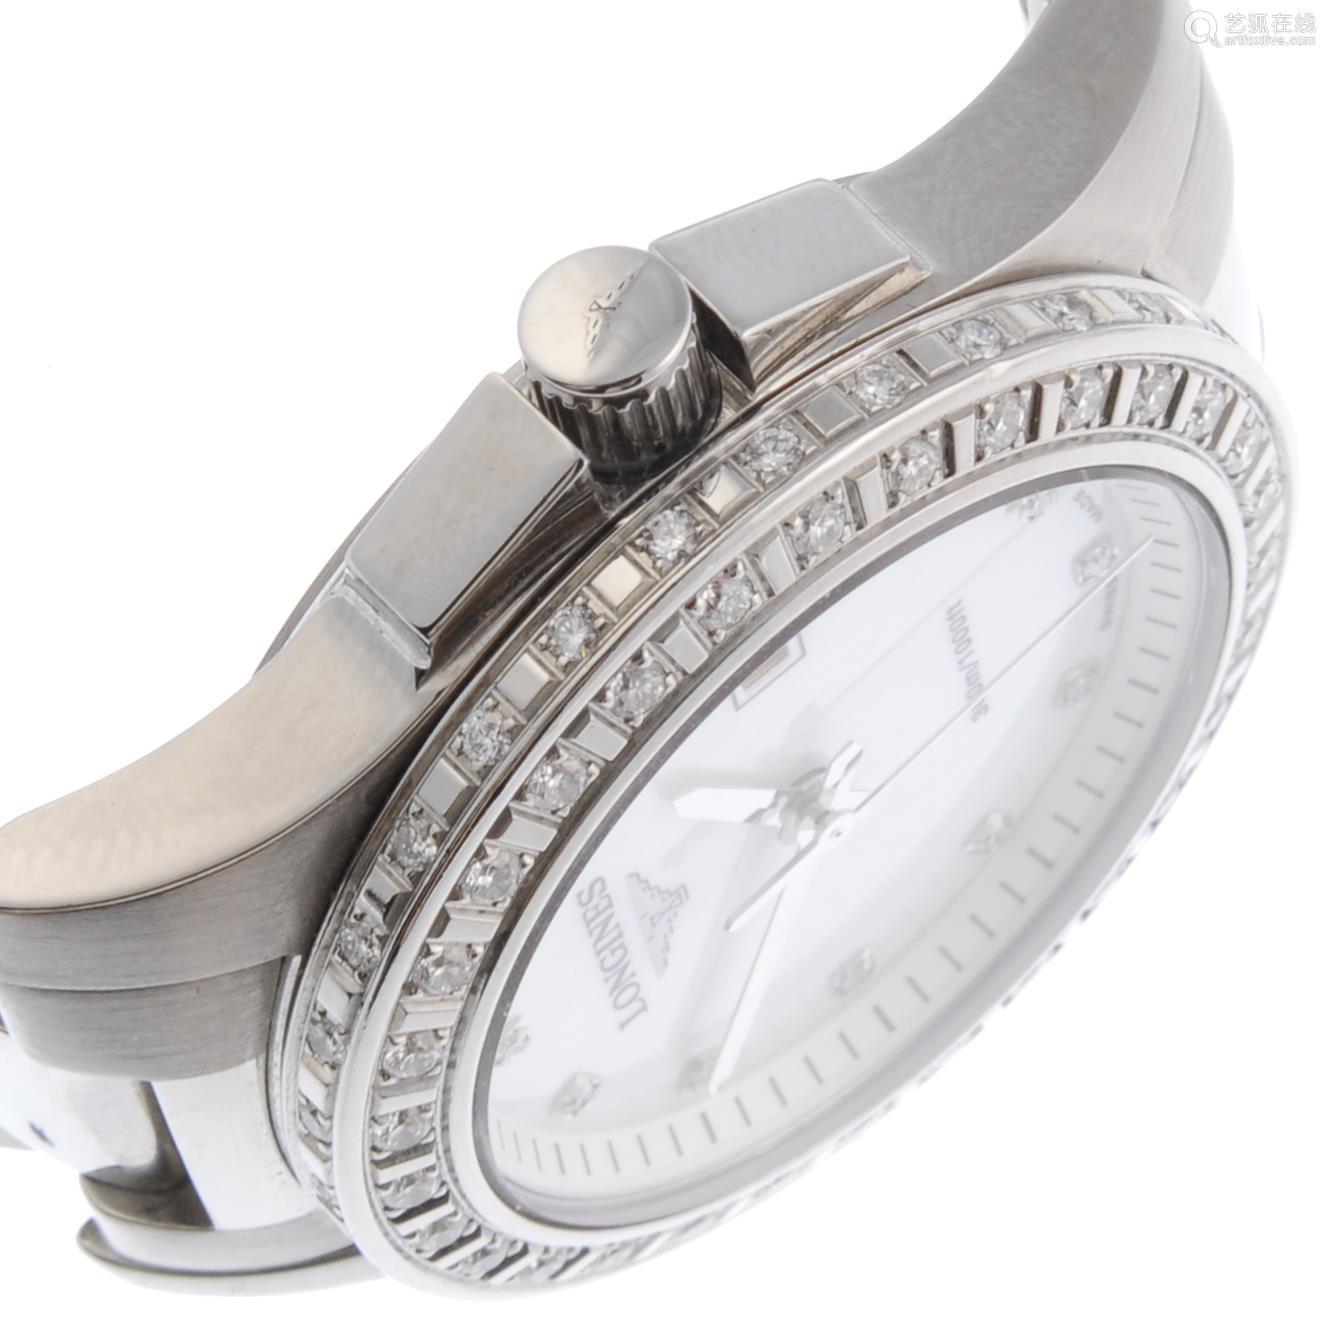 LONGINES - a lady's Conquest bracelet watch.